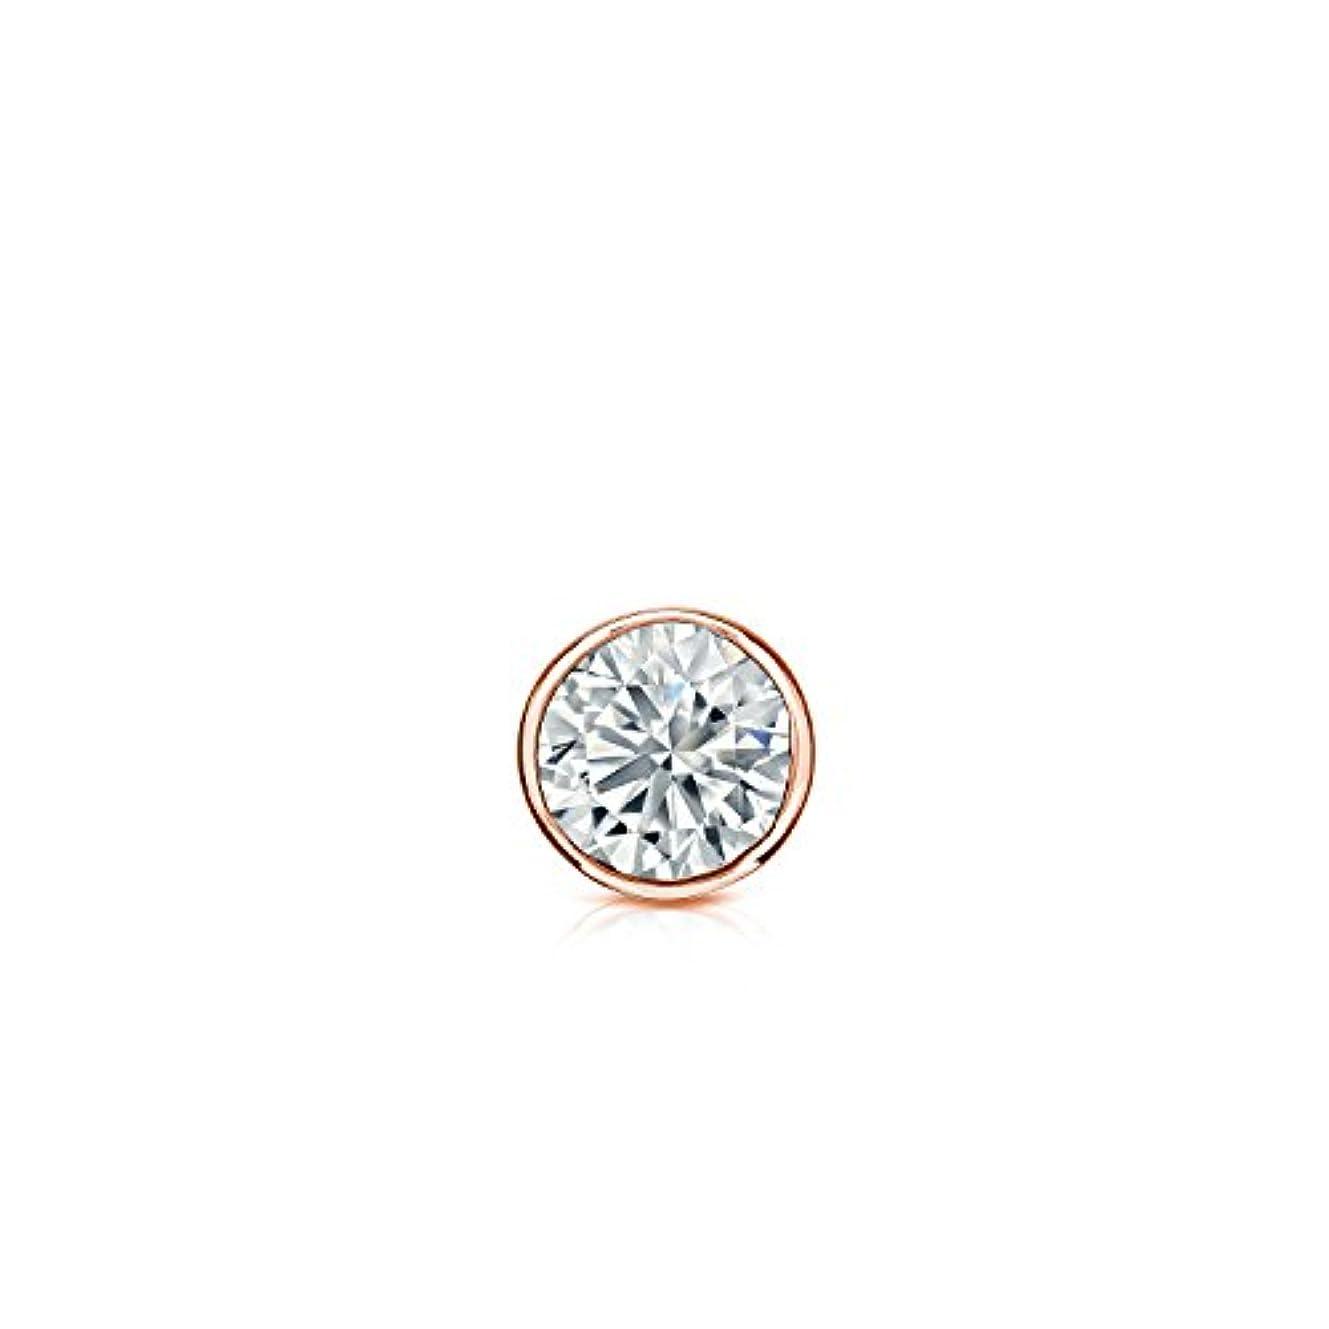 収縮突き刺すコントロール14 Kゴールドbezel-setラウンドダイヤモンドシングルスタッドイヤリング( 0.08ct、ホワイト、vs2screw-back